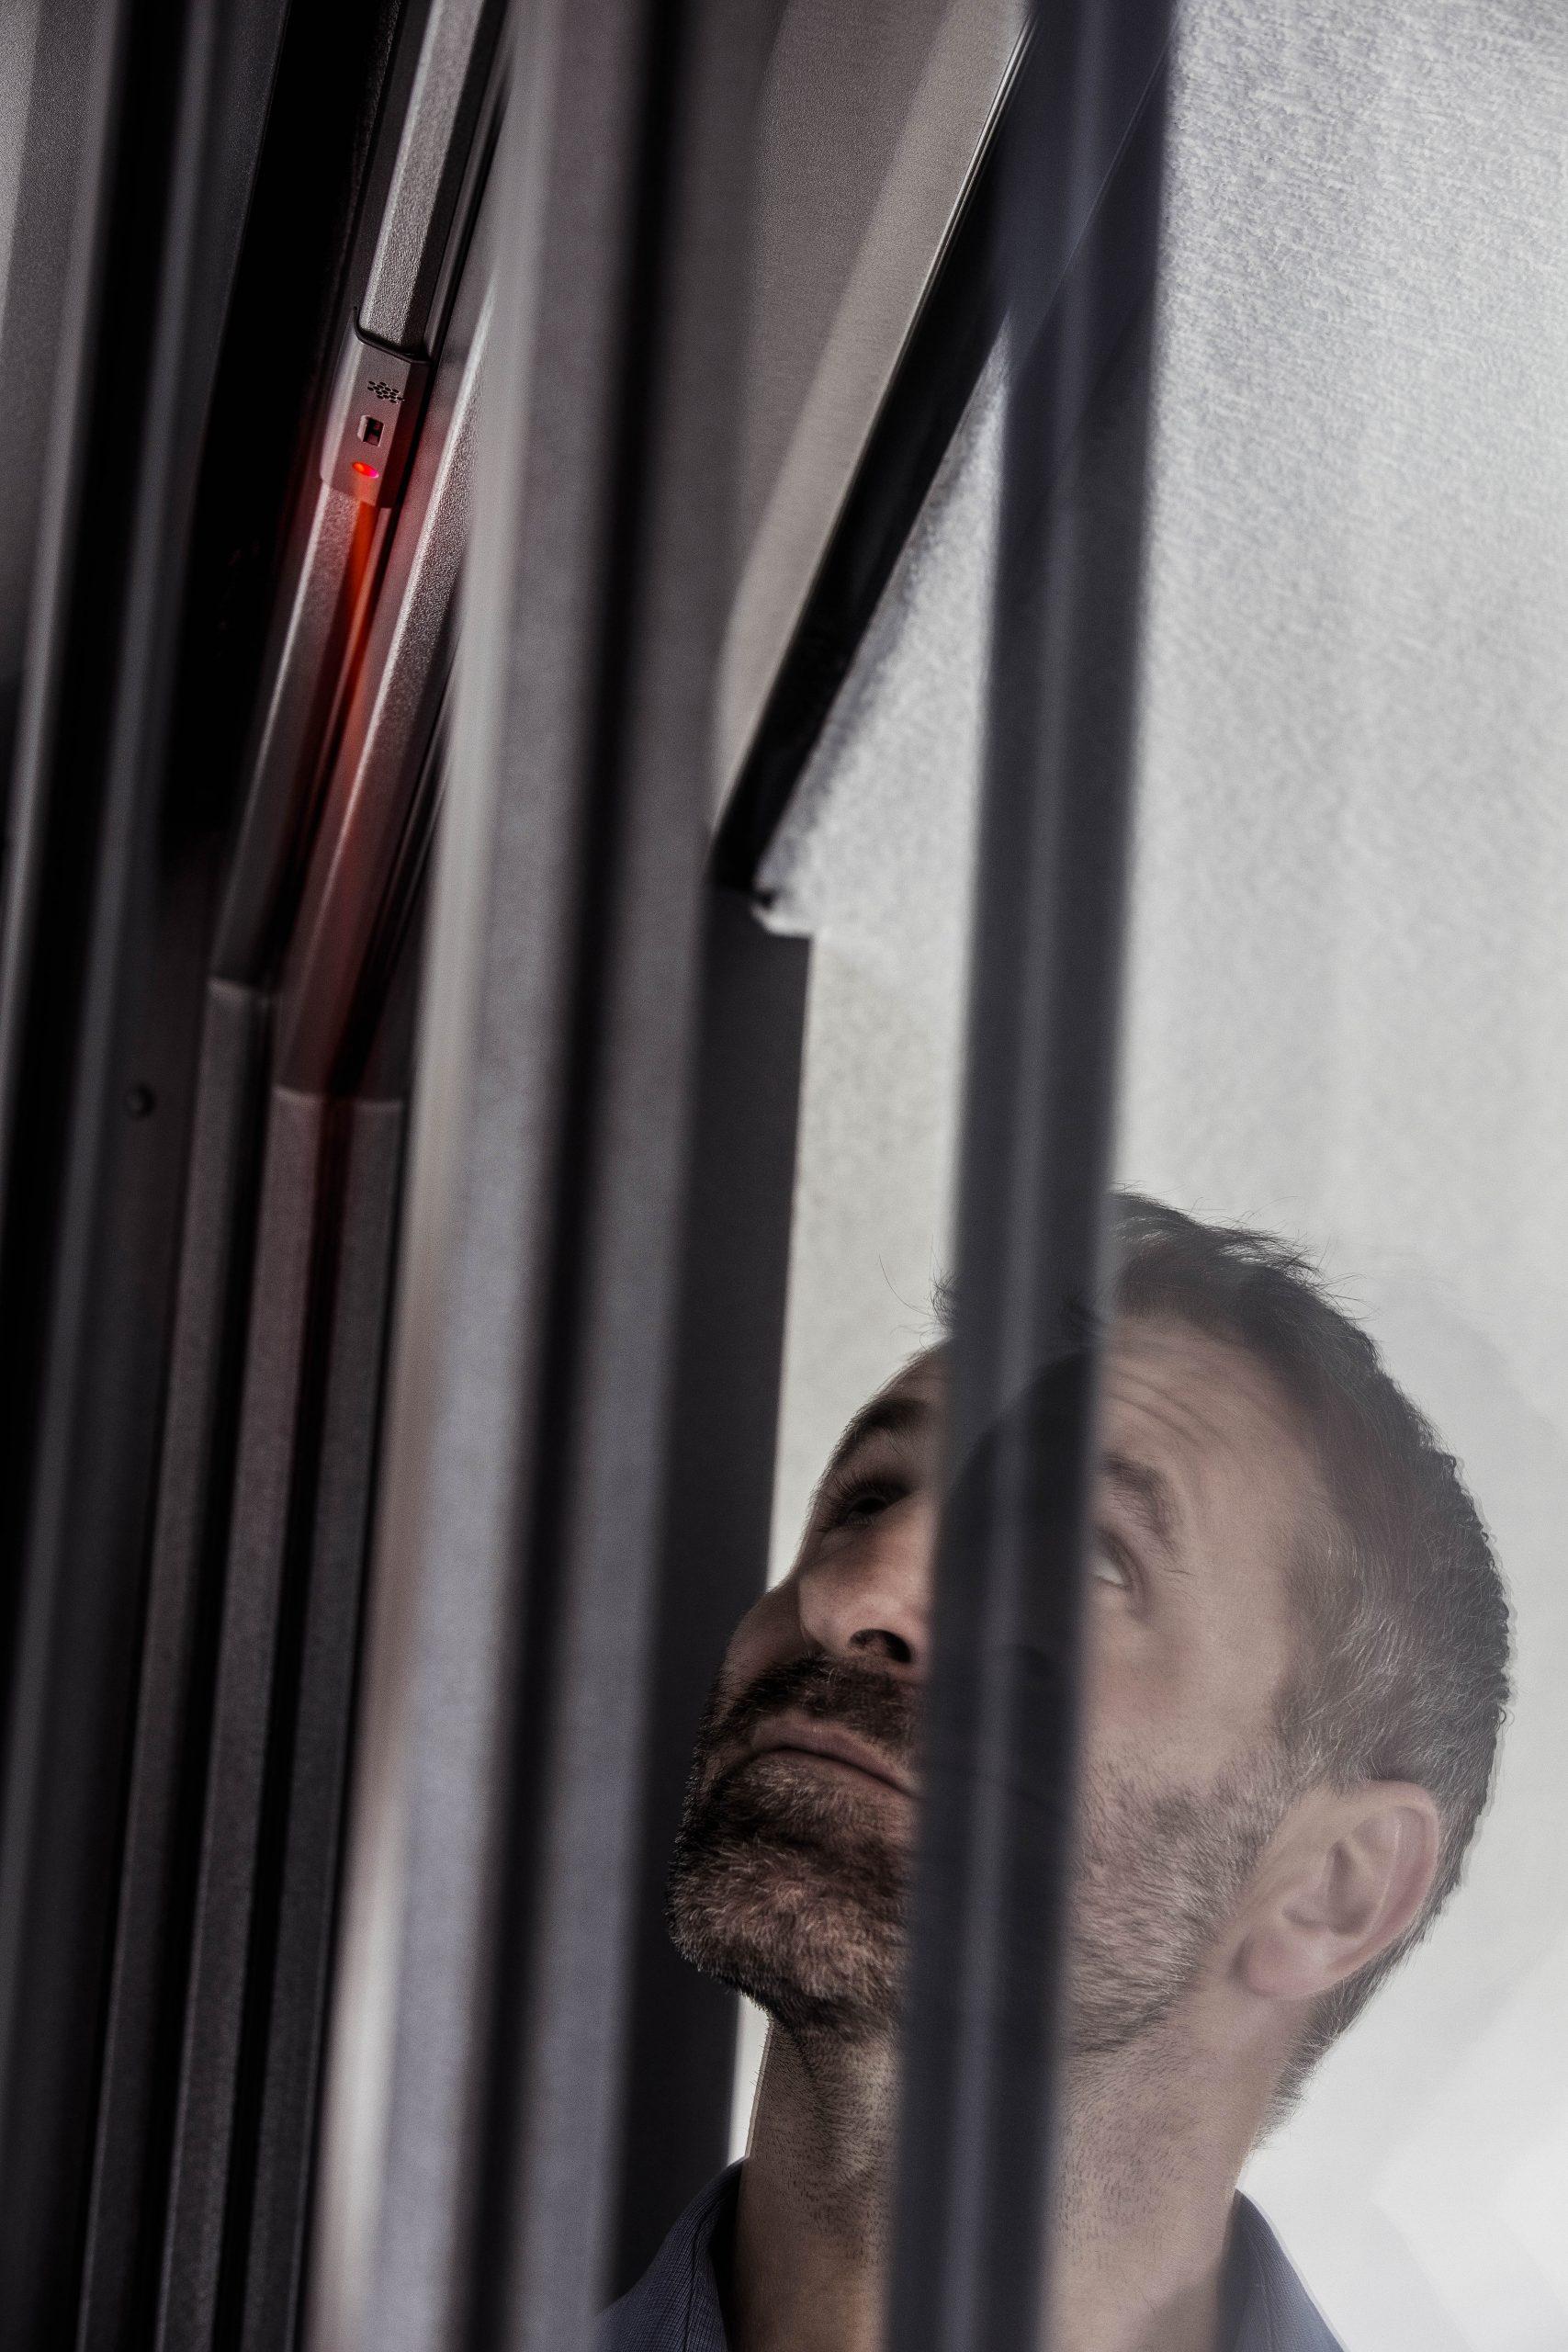 Full Size of Rehau Fenster Erfahrungen Synego Ad 80 Reparieren Bewertung Erfahrung Oder Geneo Preise Online Reparatur Fensterprofile Forum Smart Guard Der Prventive Fenster Rehau Fenster